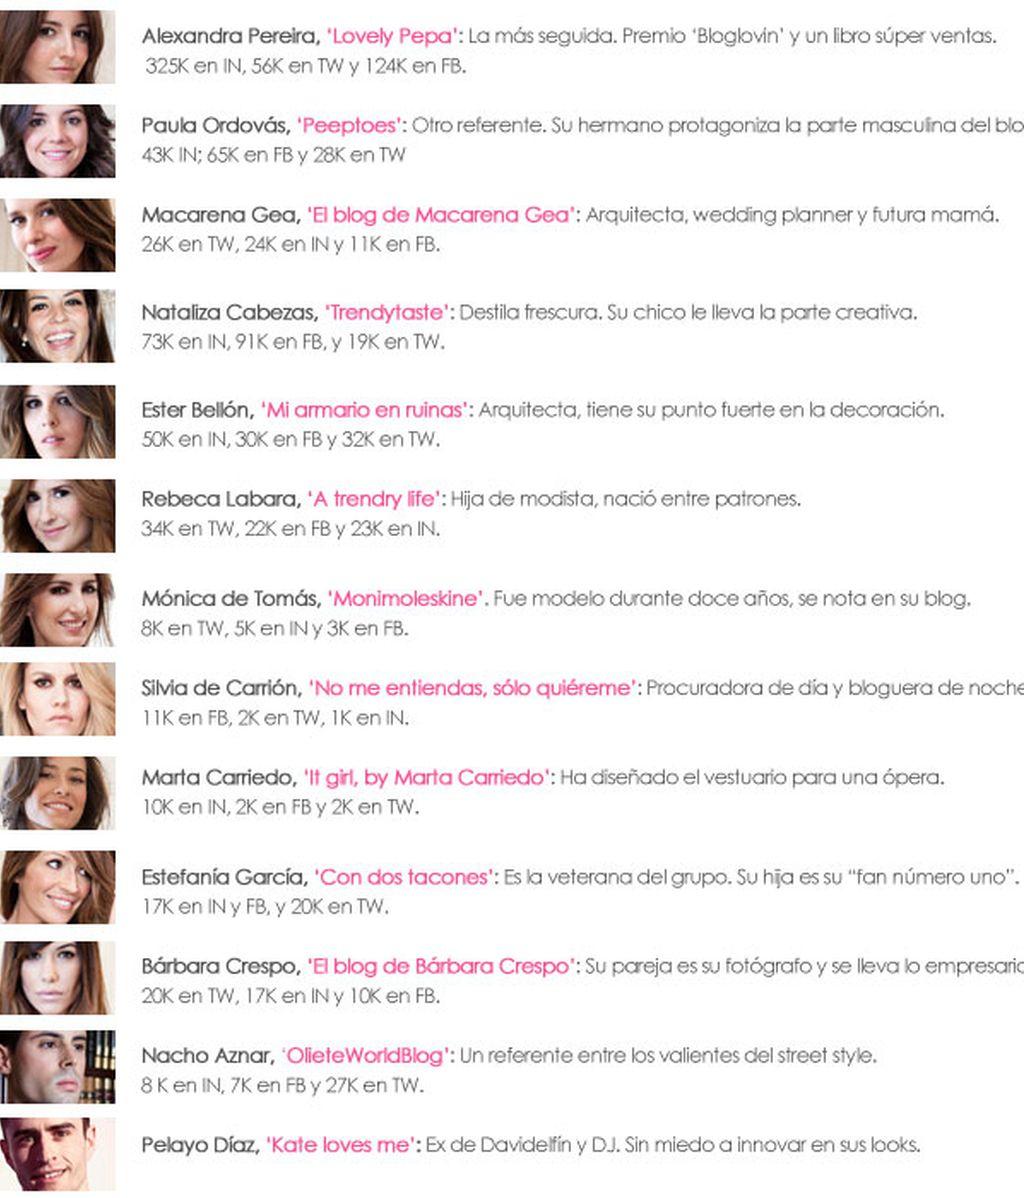 descripciones wloggers2